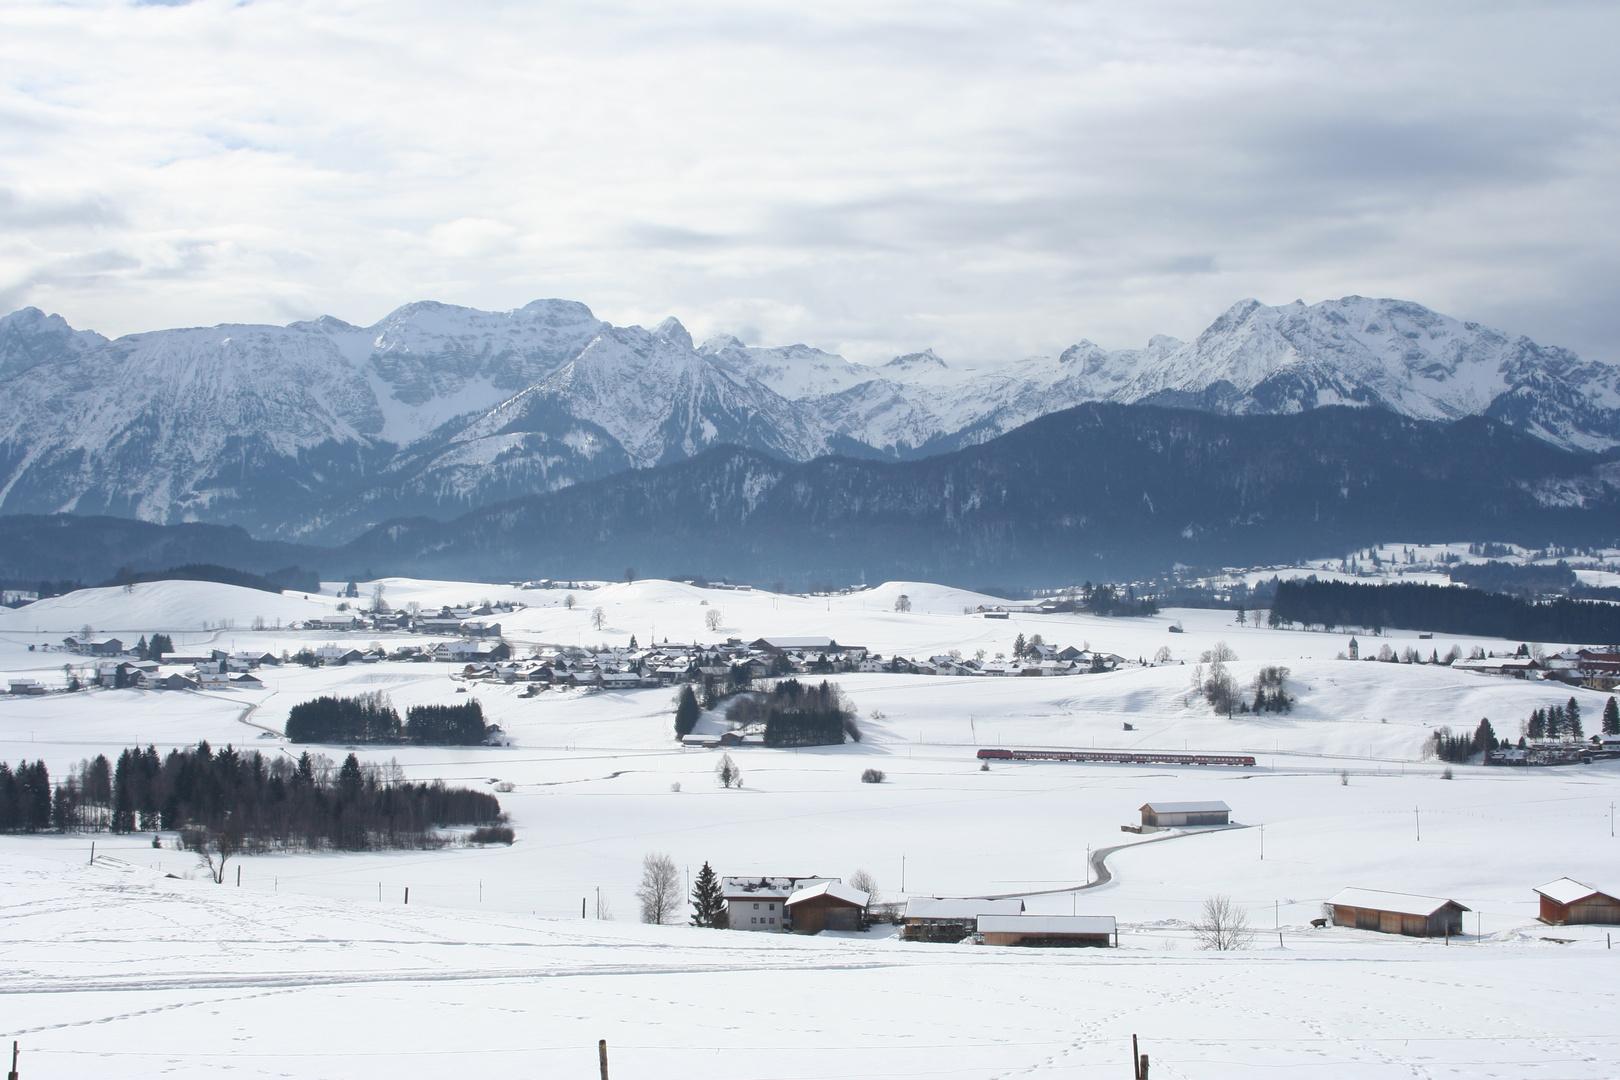 Wintertag im schönen Allgäu